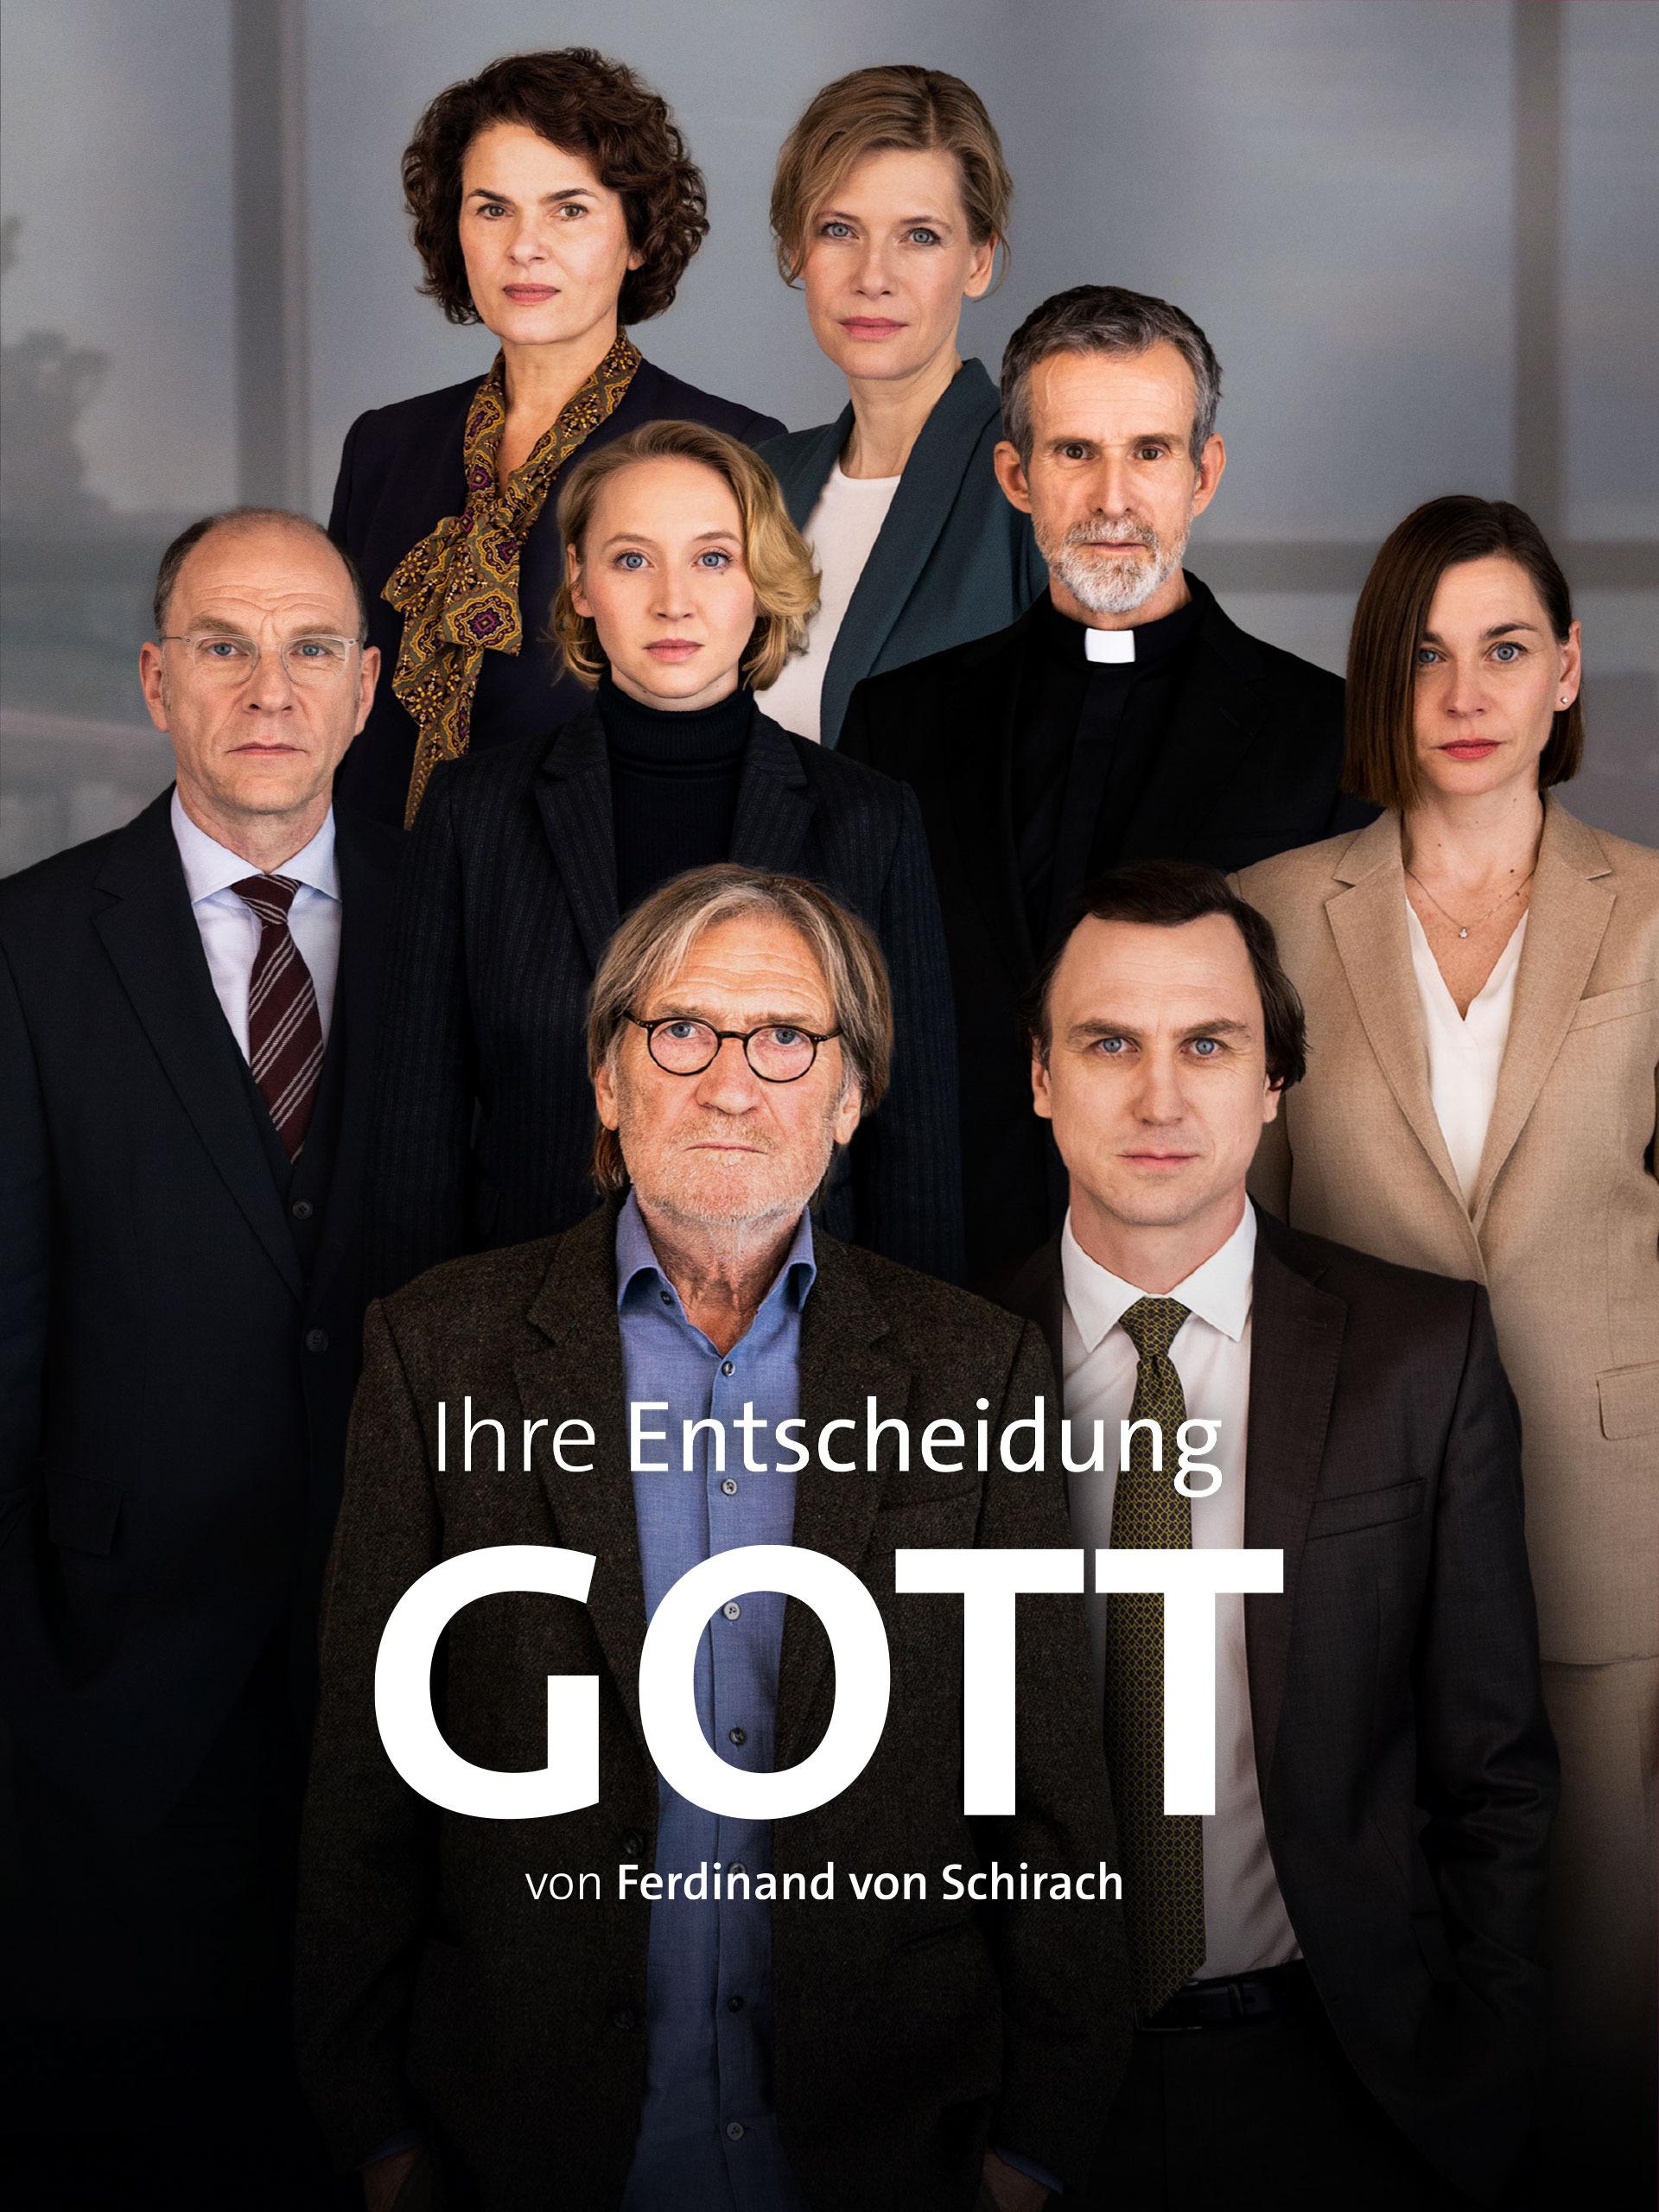 GOTT - Von Ferdinand von Schirach